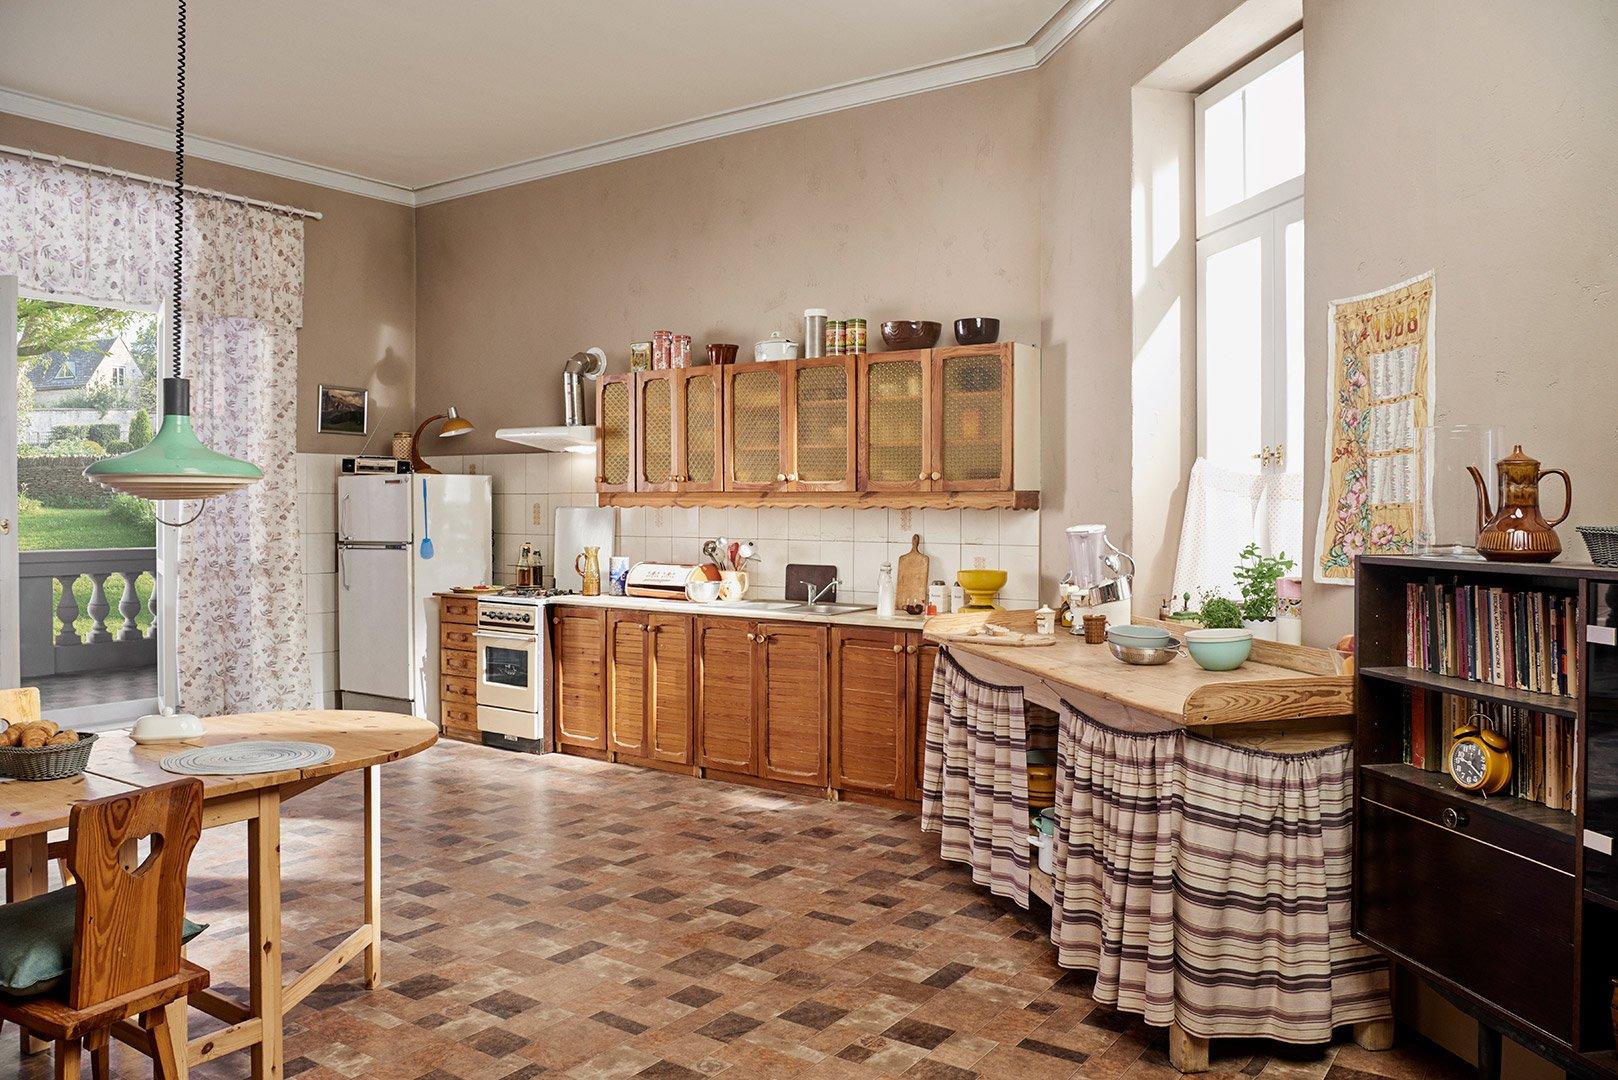 Brw kuchnie na wymiar